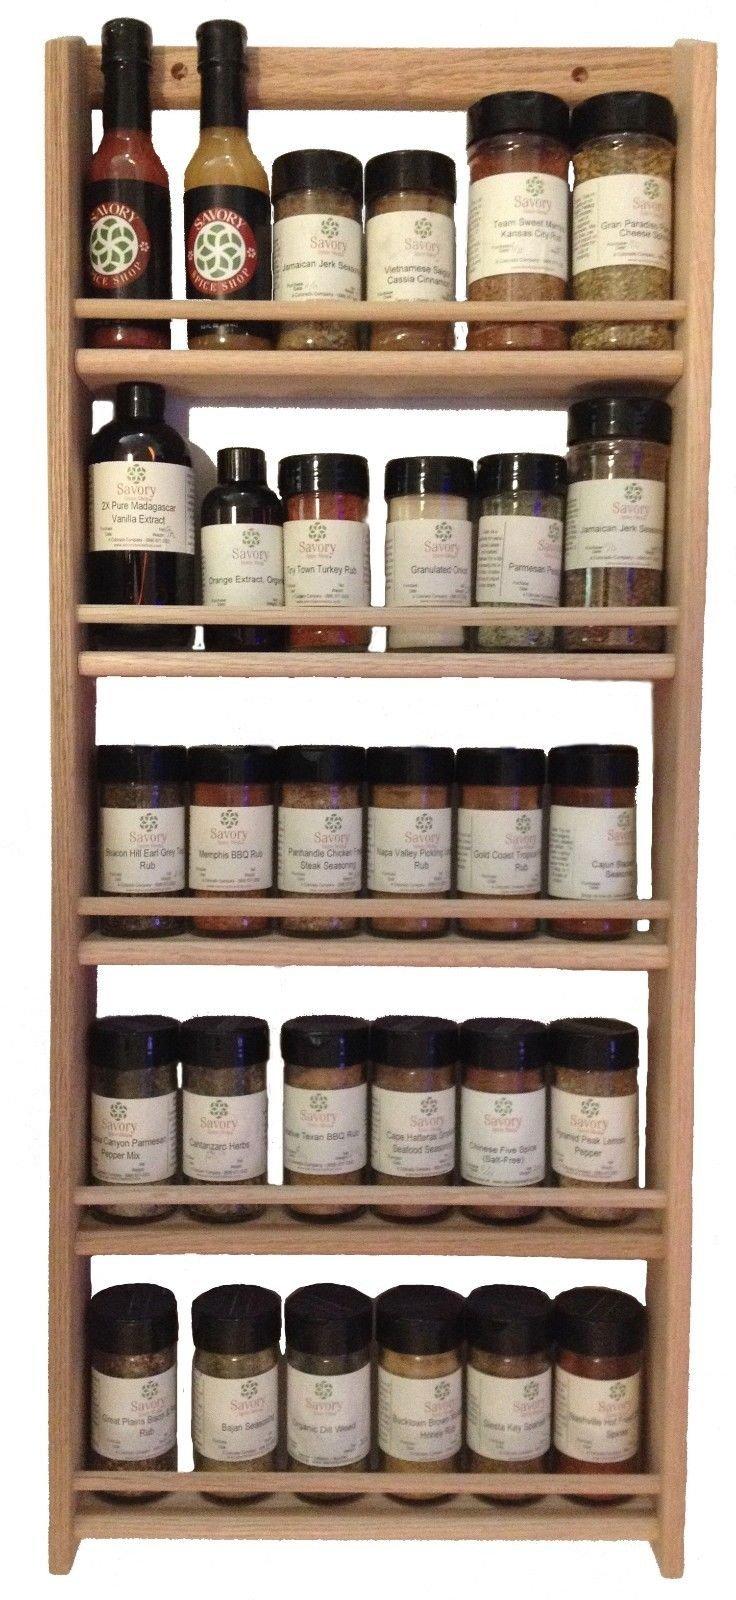 Solid OAK Wood Spice Rack / 32.75''H x 13.75 ''W / Wall Mount Wooden Spice Rack